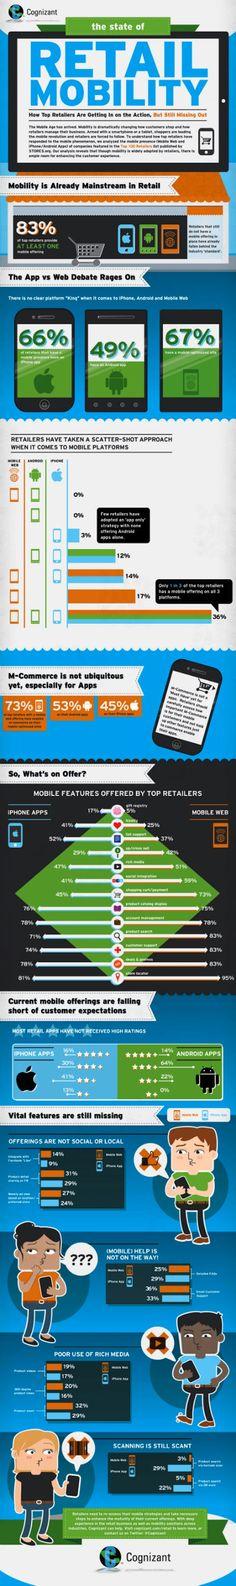 Les magasins face aux défis du mobile